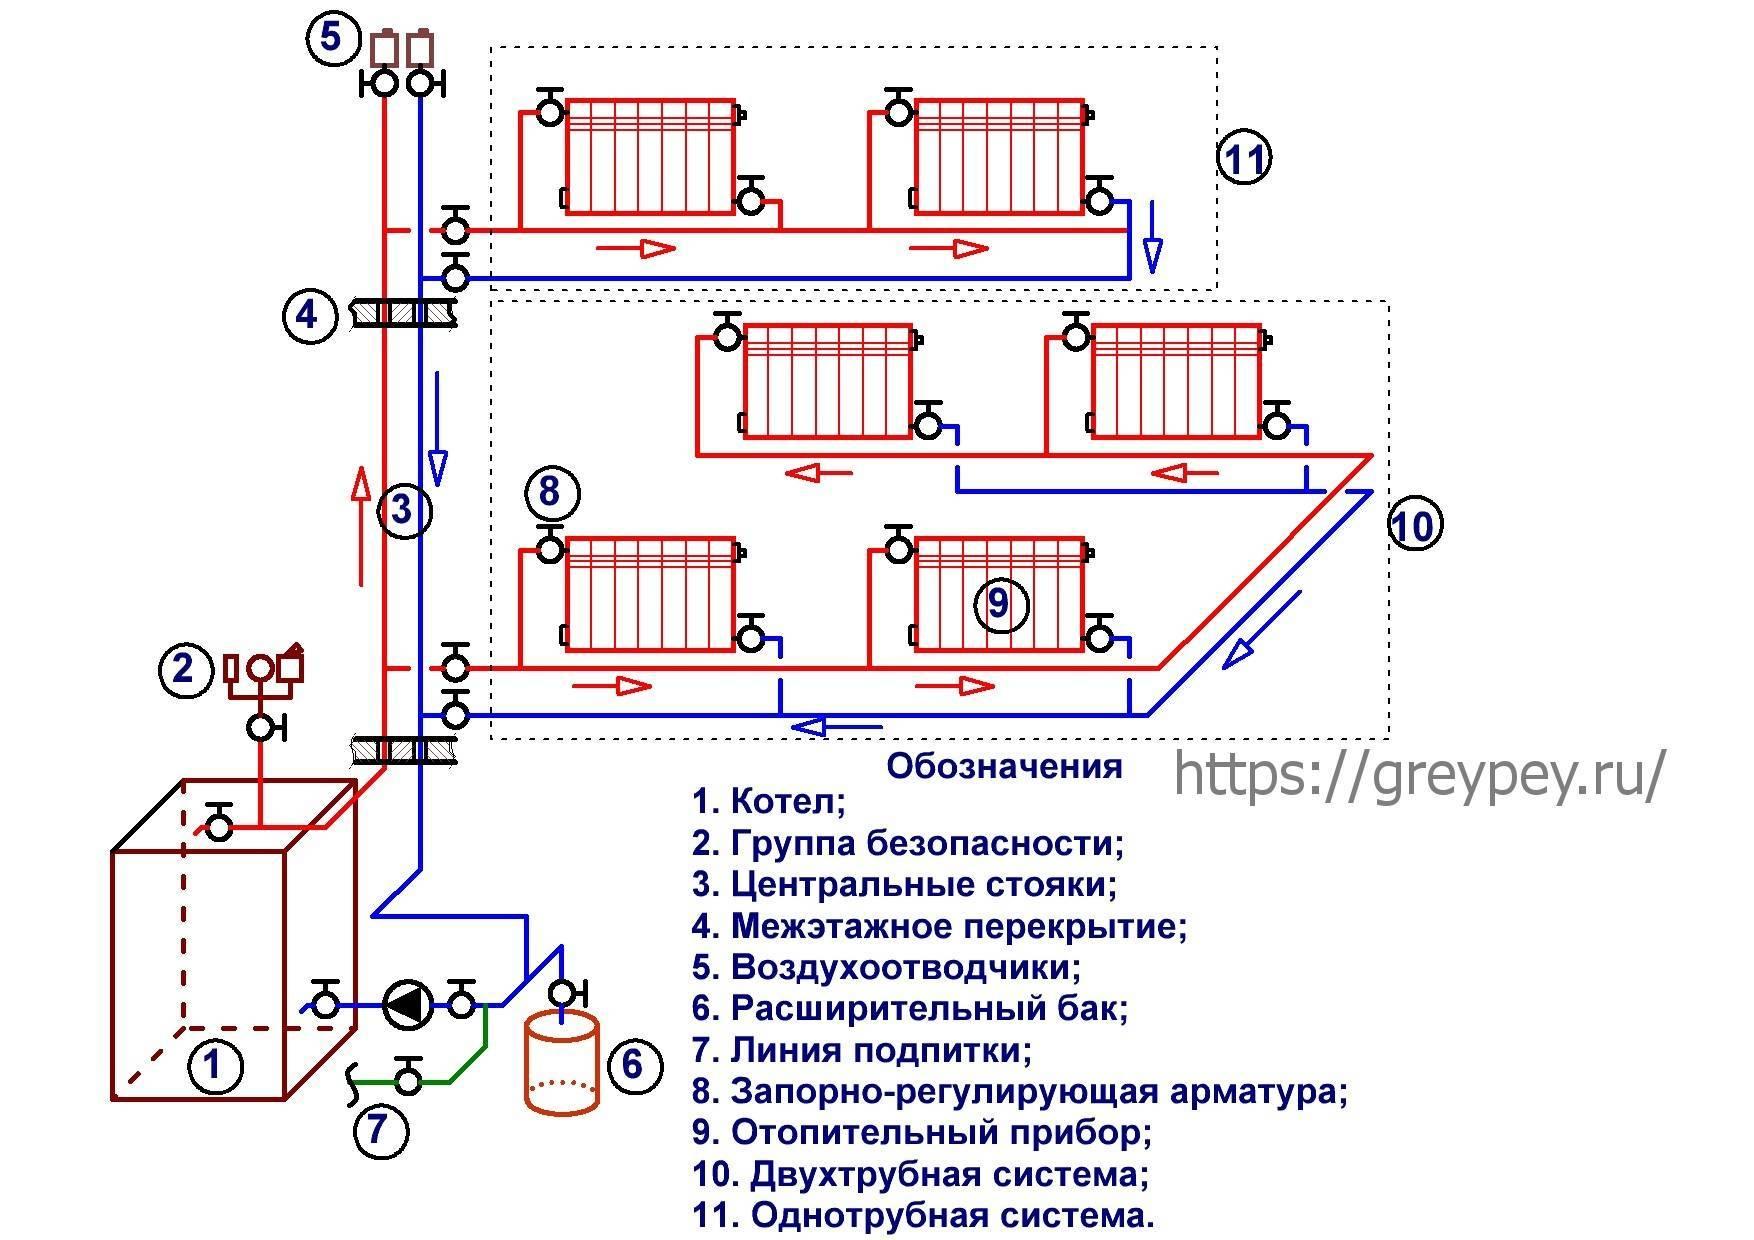 Схема отопления дачи своими руками, эффективное и экономное отопление дачного дома, фото и видео примеры